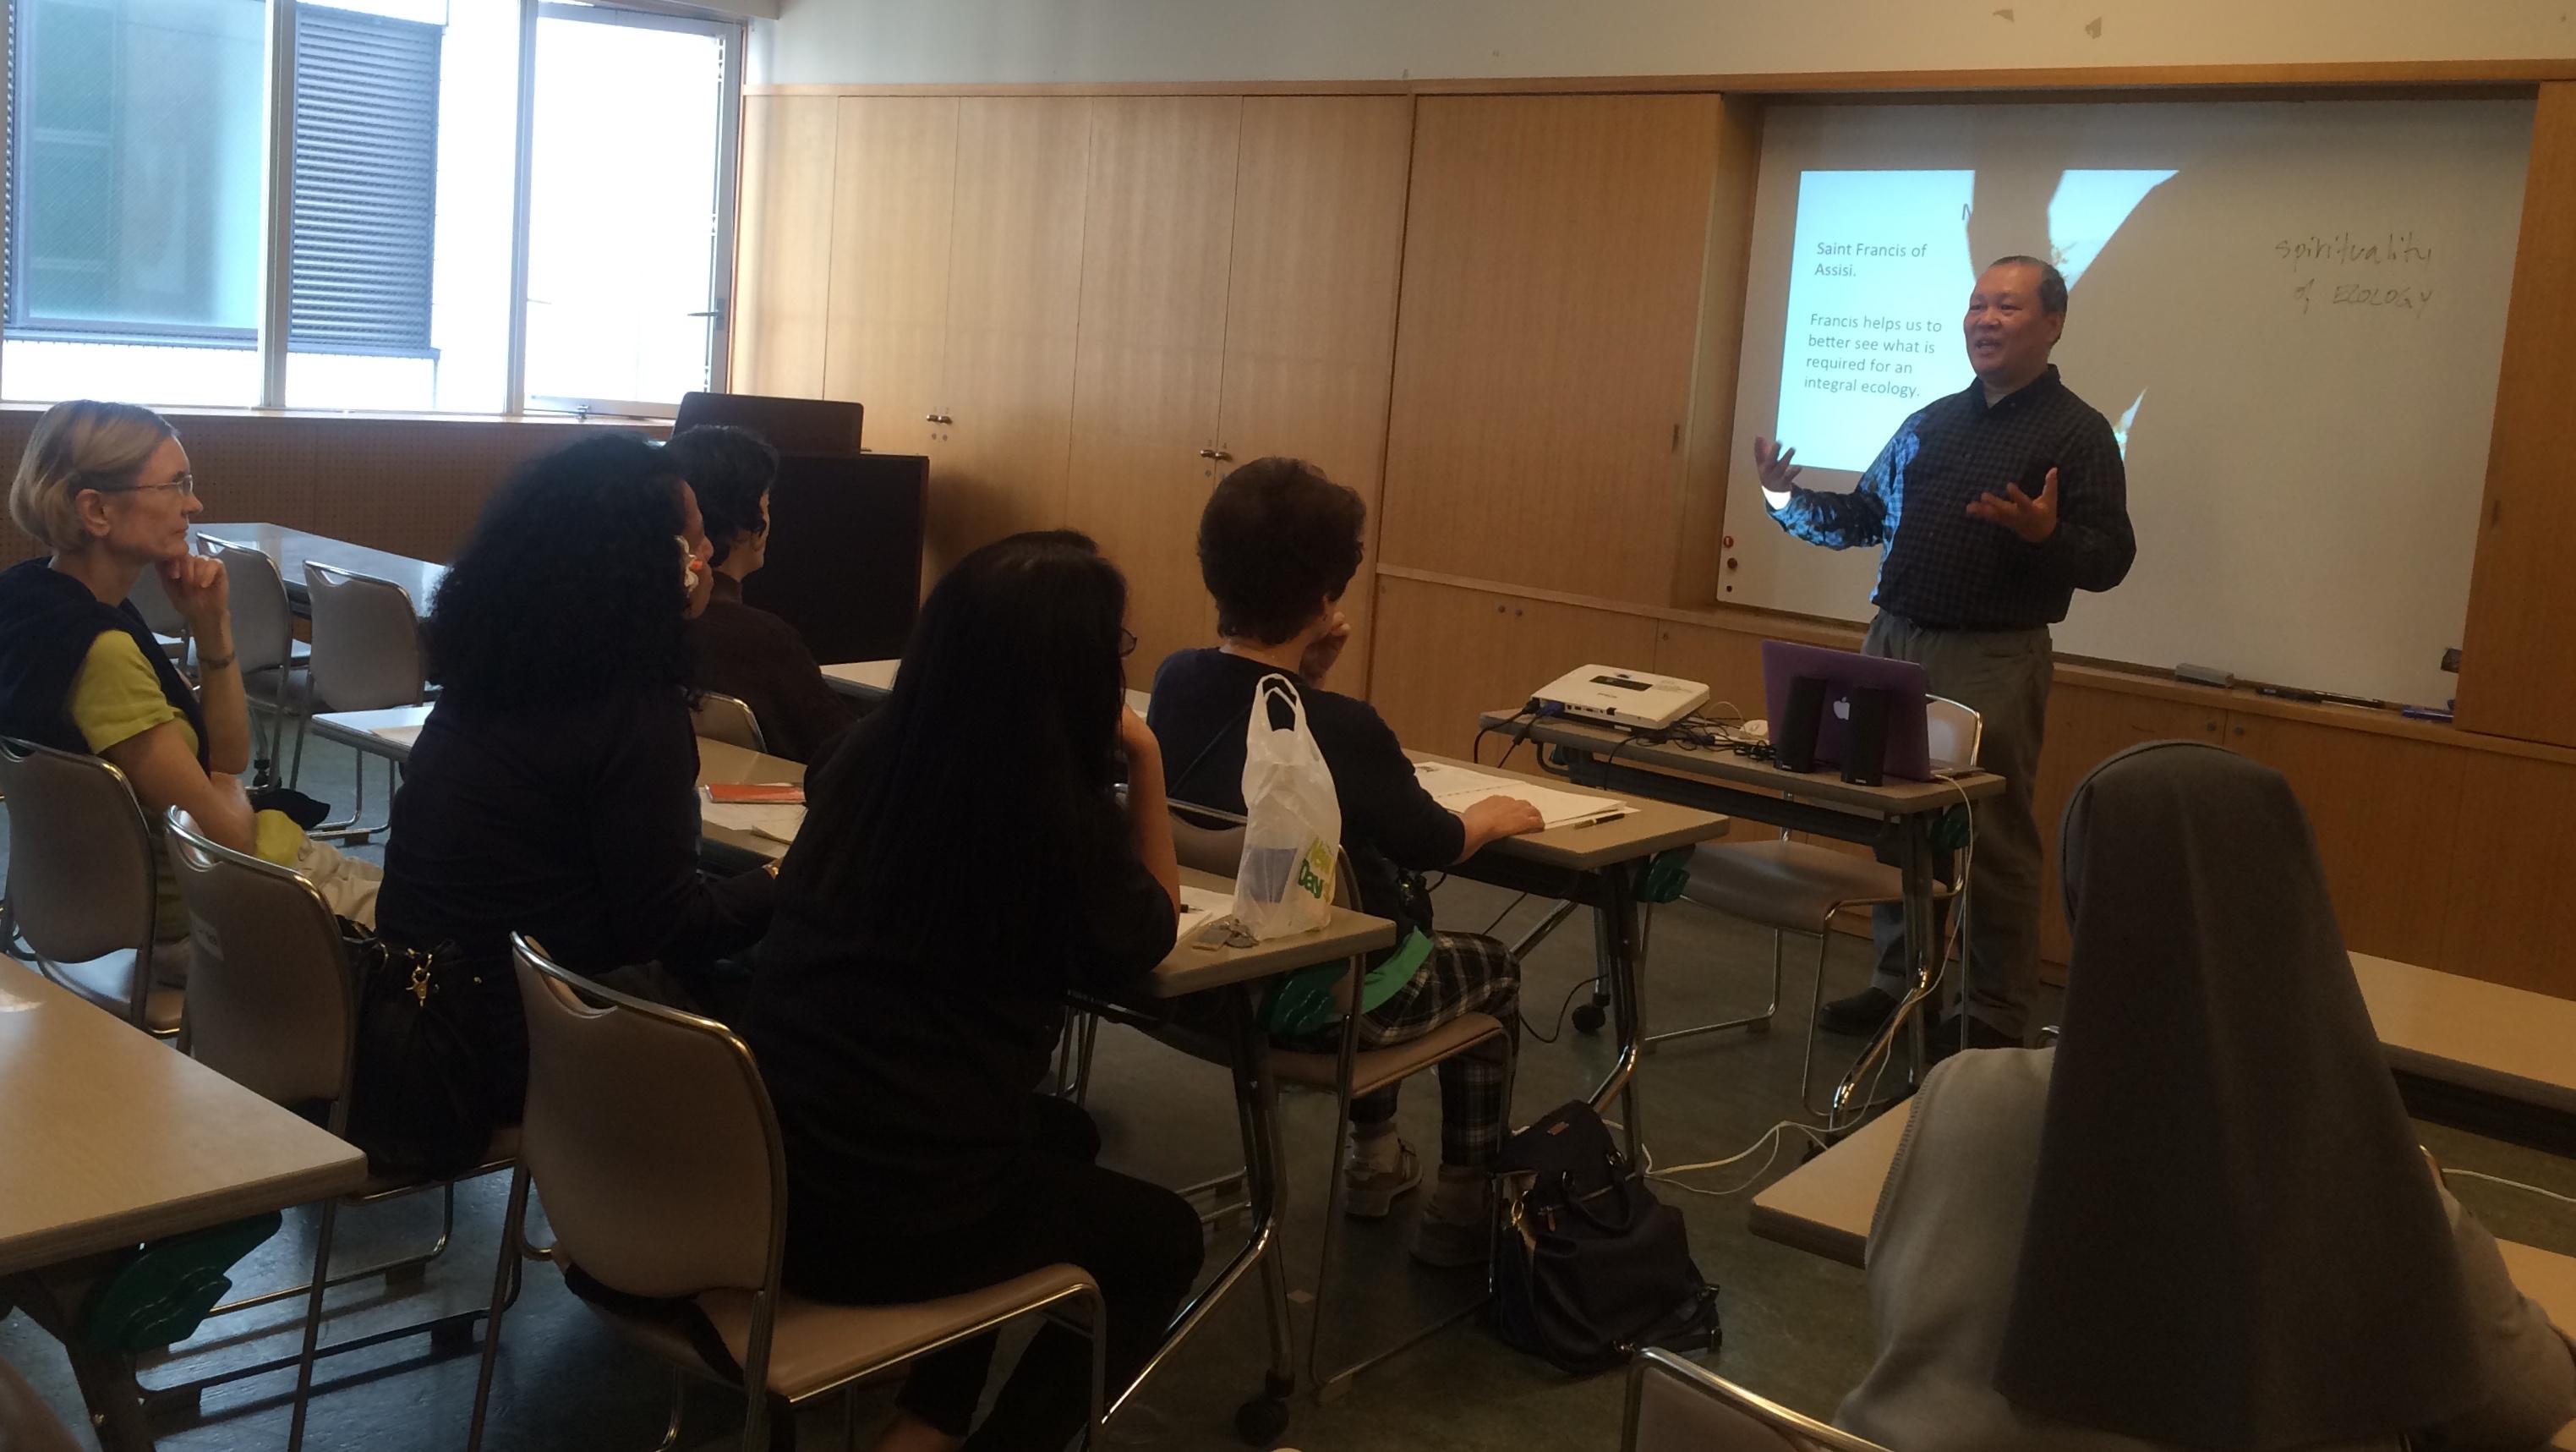 laudato si seminar at yotsuya